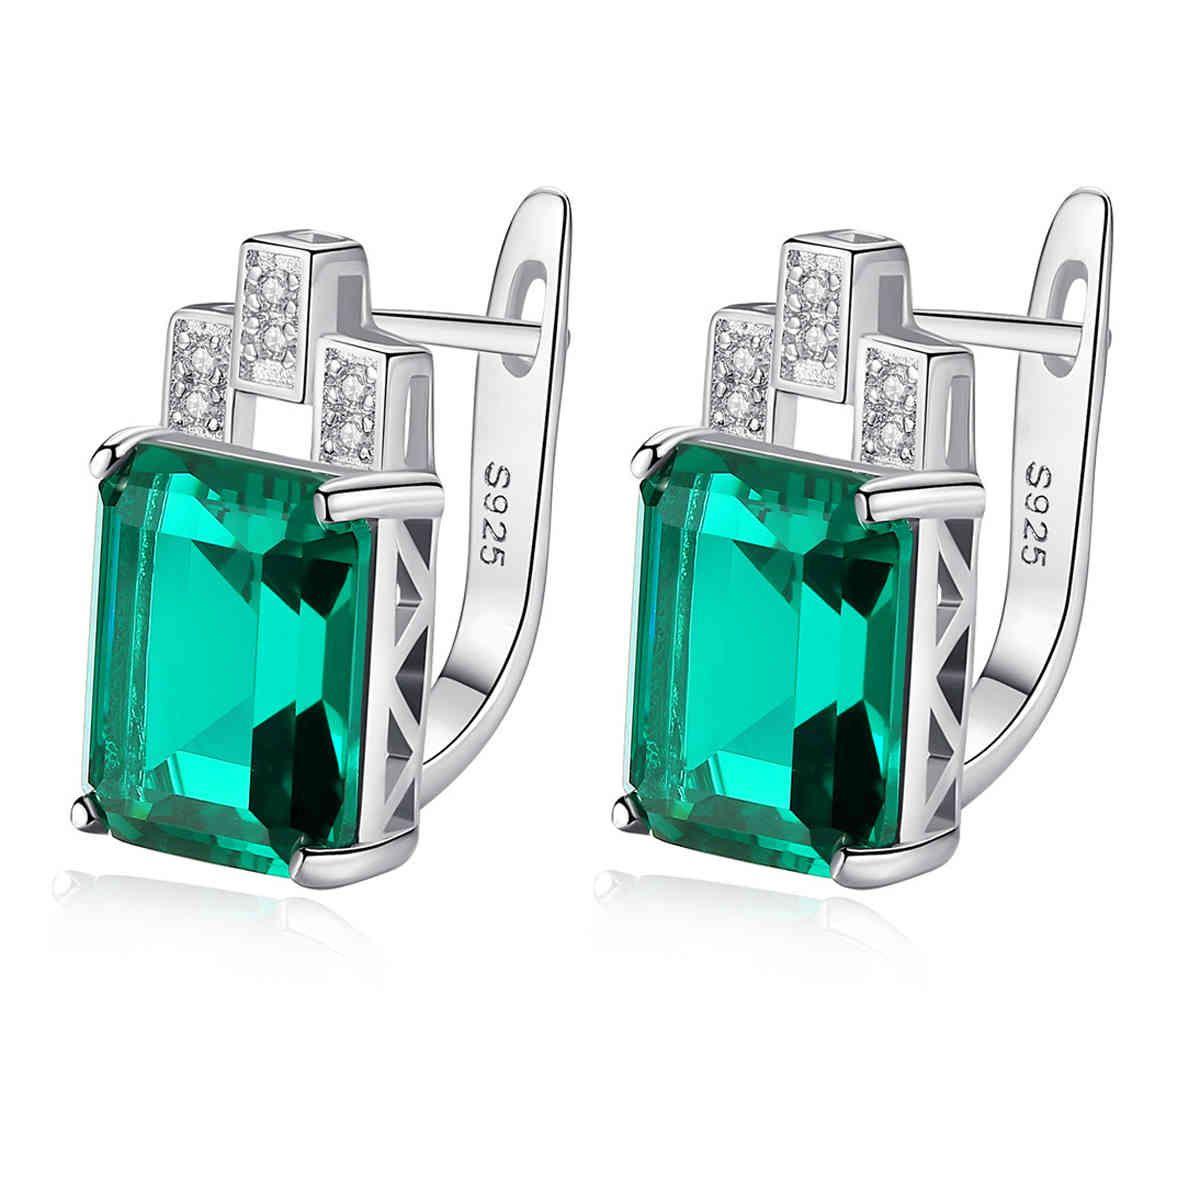 Edelstein auf Ohrringe, Luxus 7.6ct Nano Russisch simuliert Smaragd und Saphir 925 Silber Clip Ohrring Frauen Schmuck SE0110